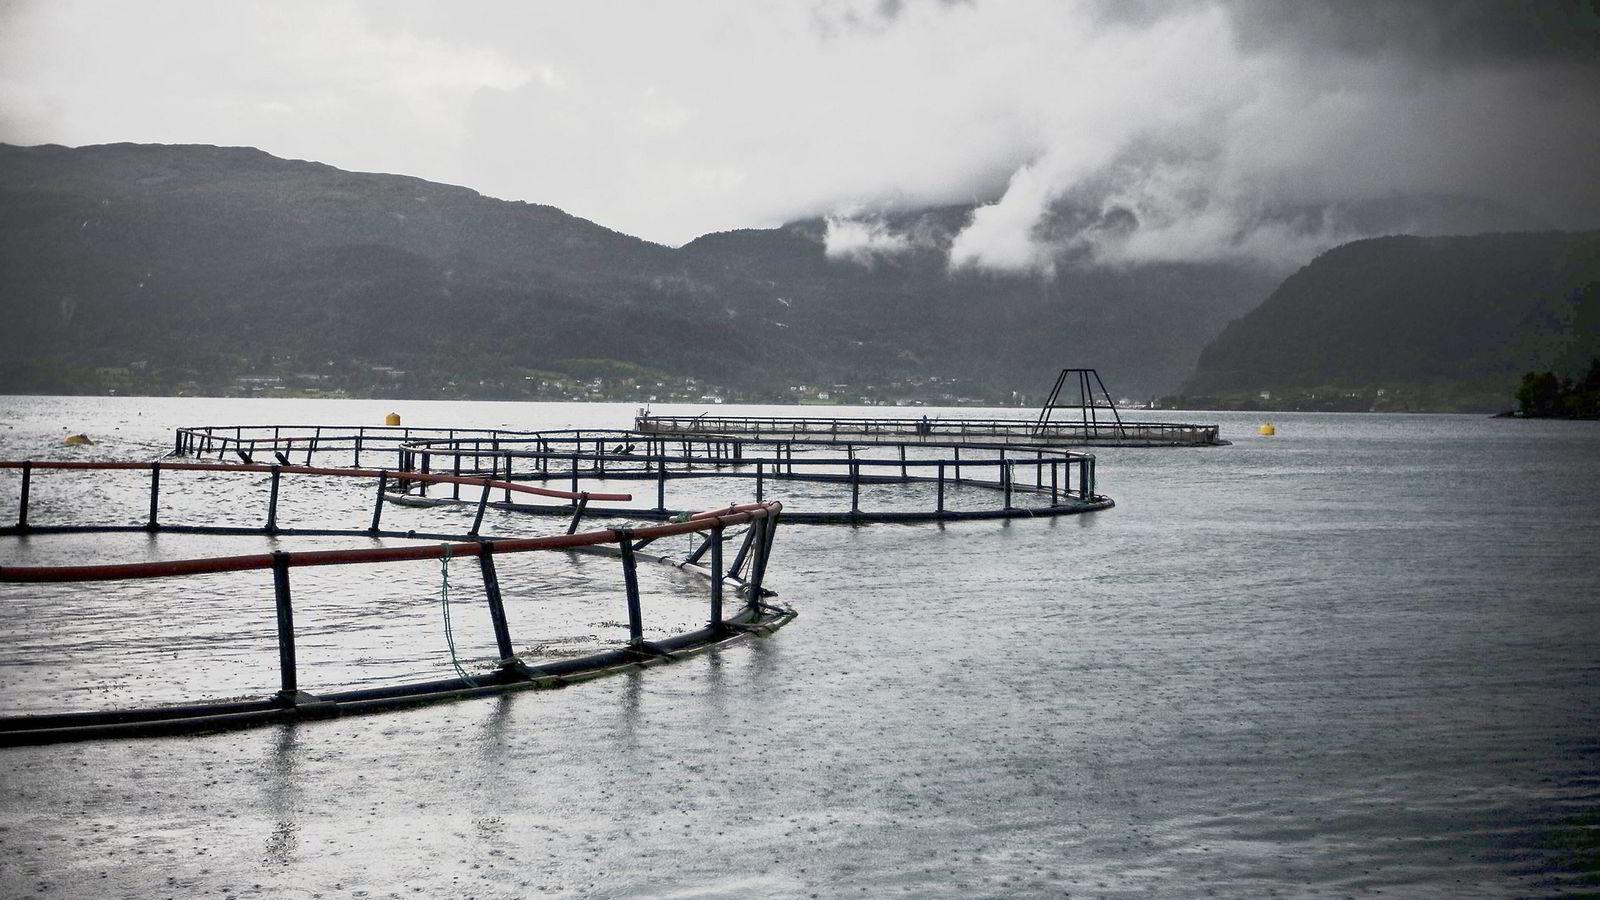 FORMUESKATTEN: Faktum er at formuesskatten omfatter urealiserte verdier som fisken som svømmer i merdene, trailerne som kjører på veiene og teknologien og kunnskapen i de ansattes hoder, ifølge artikkelforfatteren. Illustrasjonsfoto: Eivind Senneset